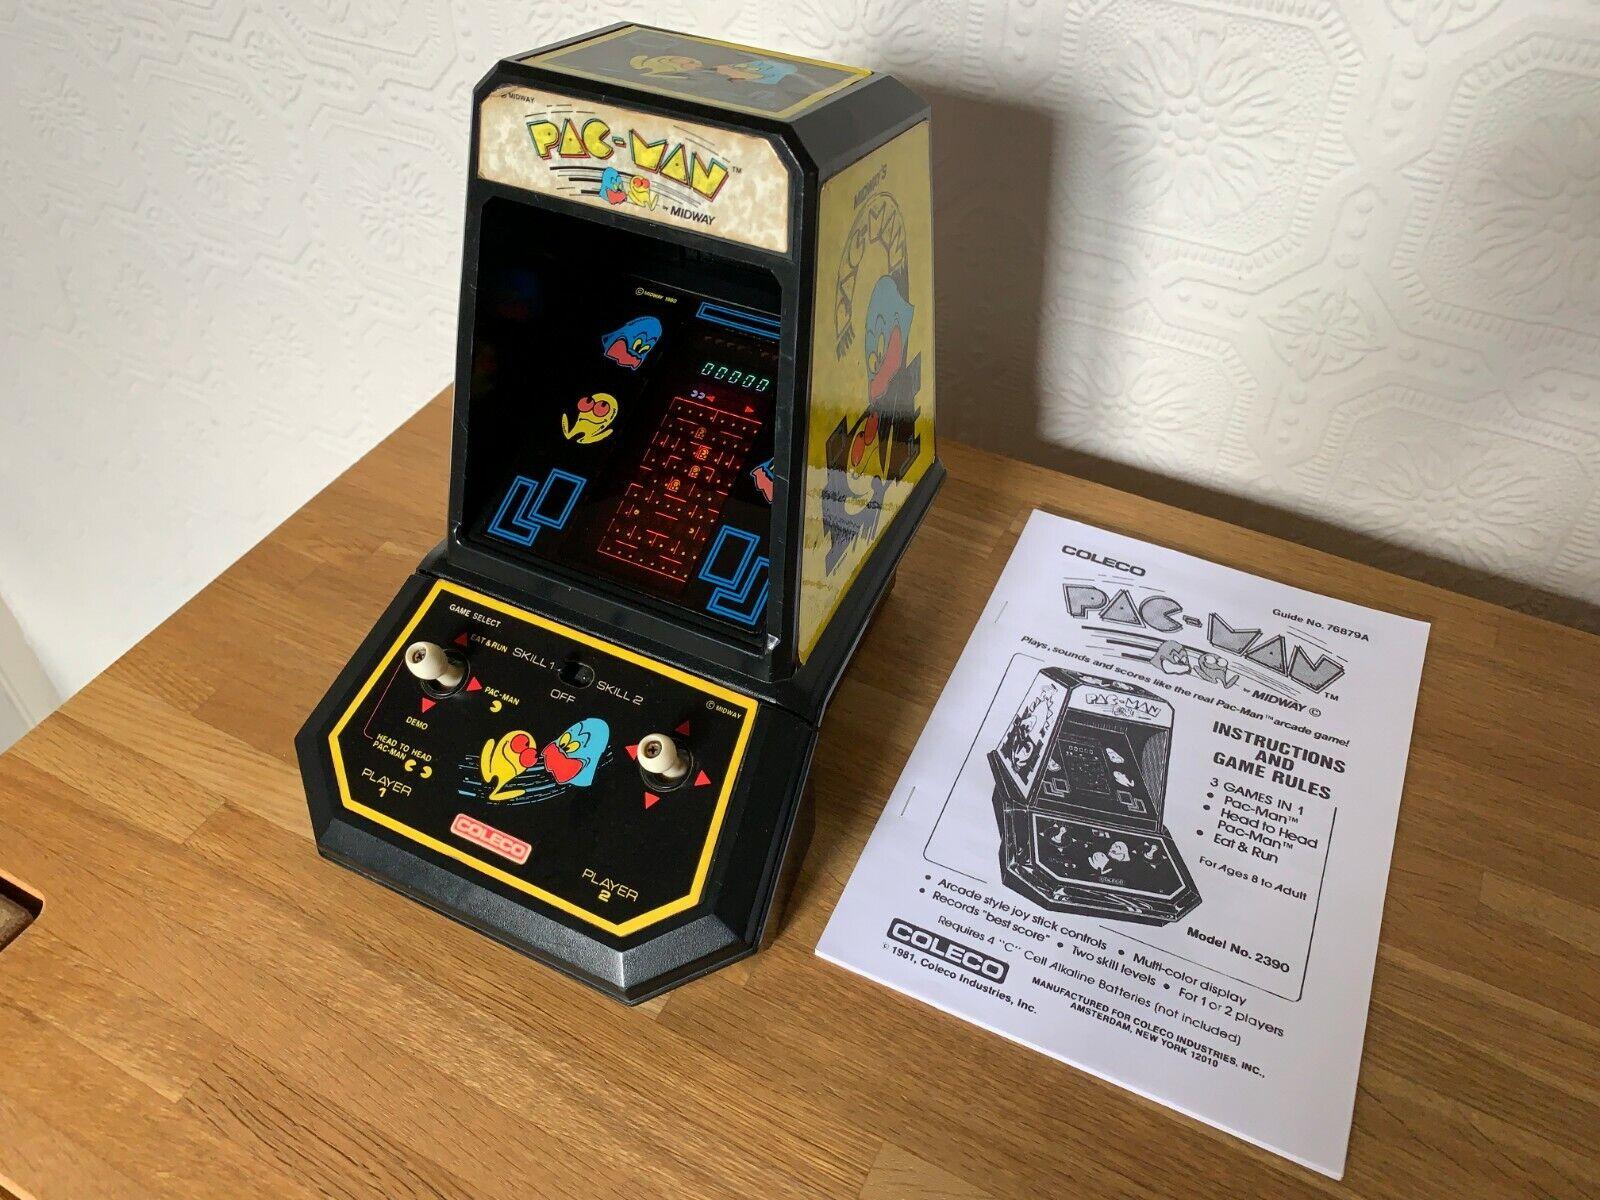 Extremamujerte Raro Coleco Pac-man Vintage 1981 VFD tabletop juego electrónico en en muy buena condición.